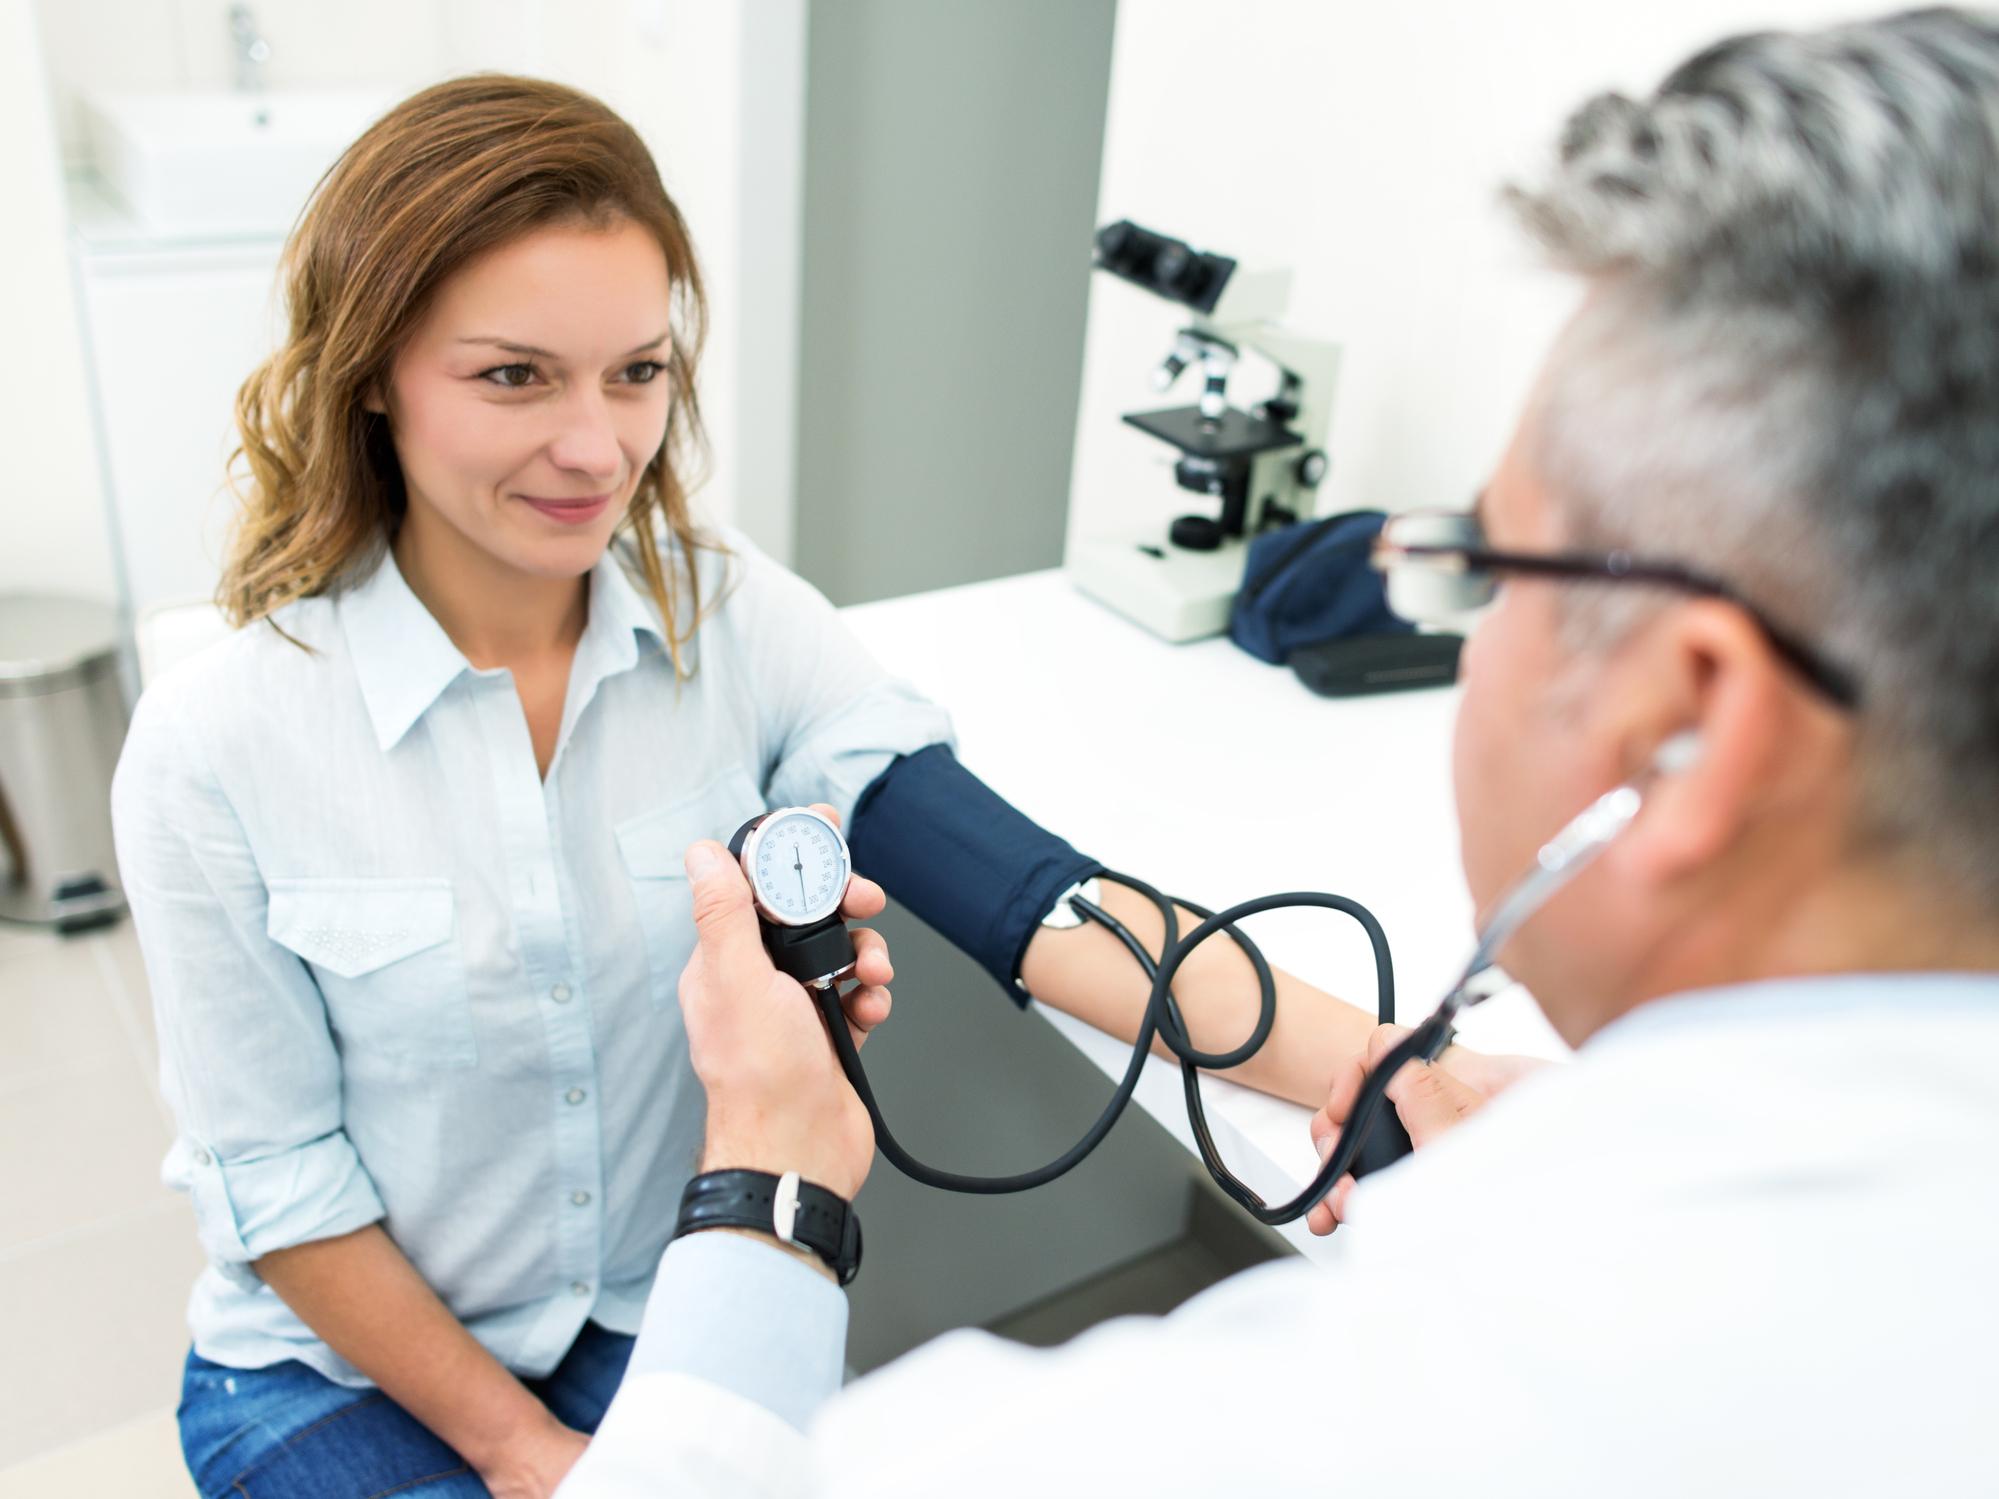 hogyan kezelje az enyhe magas vérnyomást